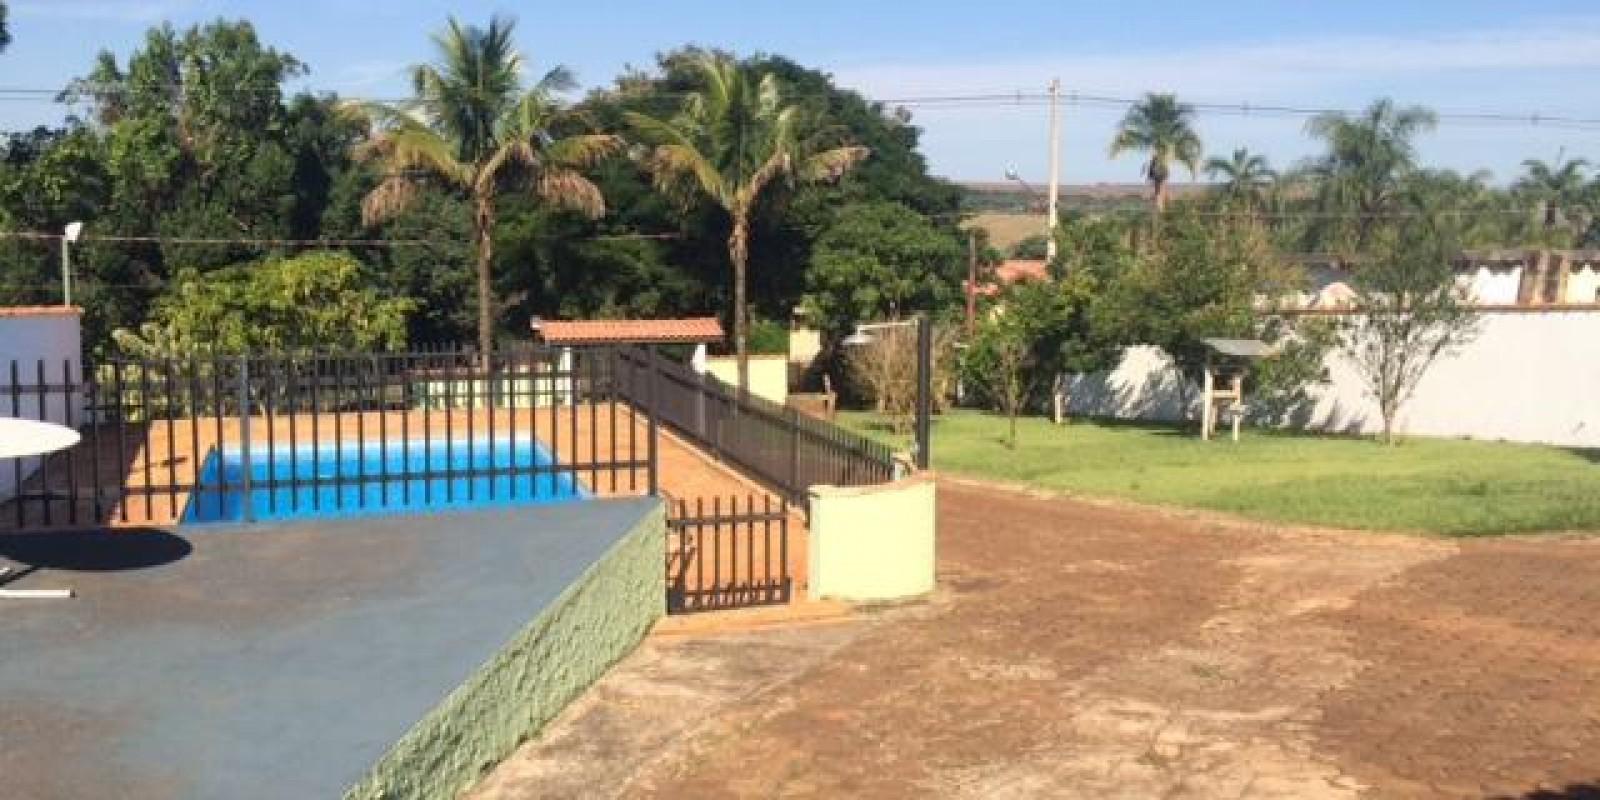 Casa MOBILIADA na Represa no Portal do Catavento em Arandu SP - Foto 10 de 26